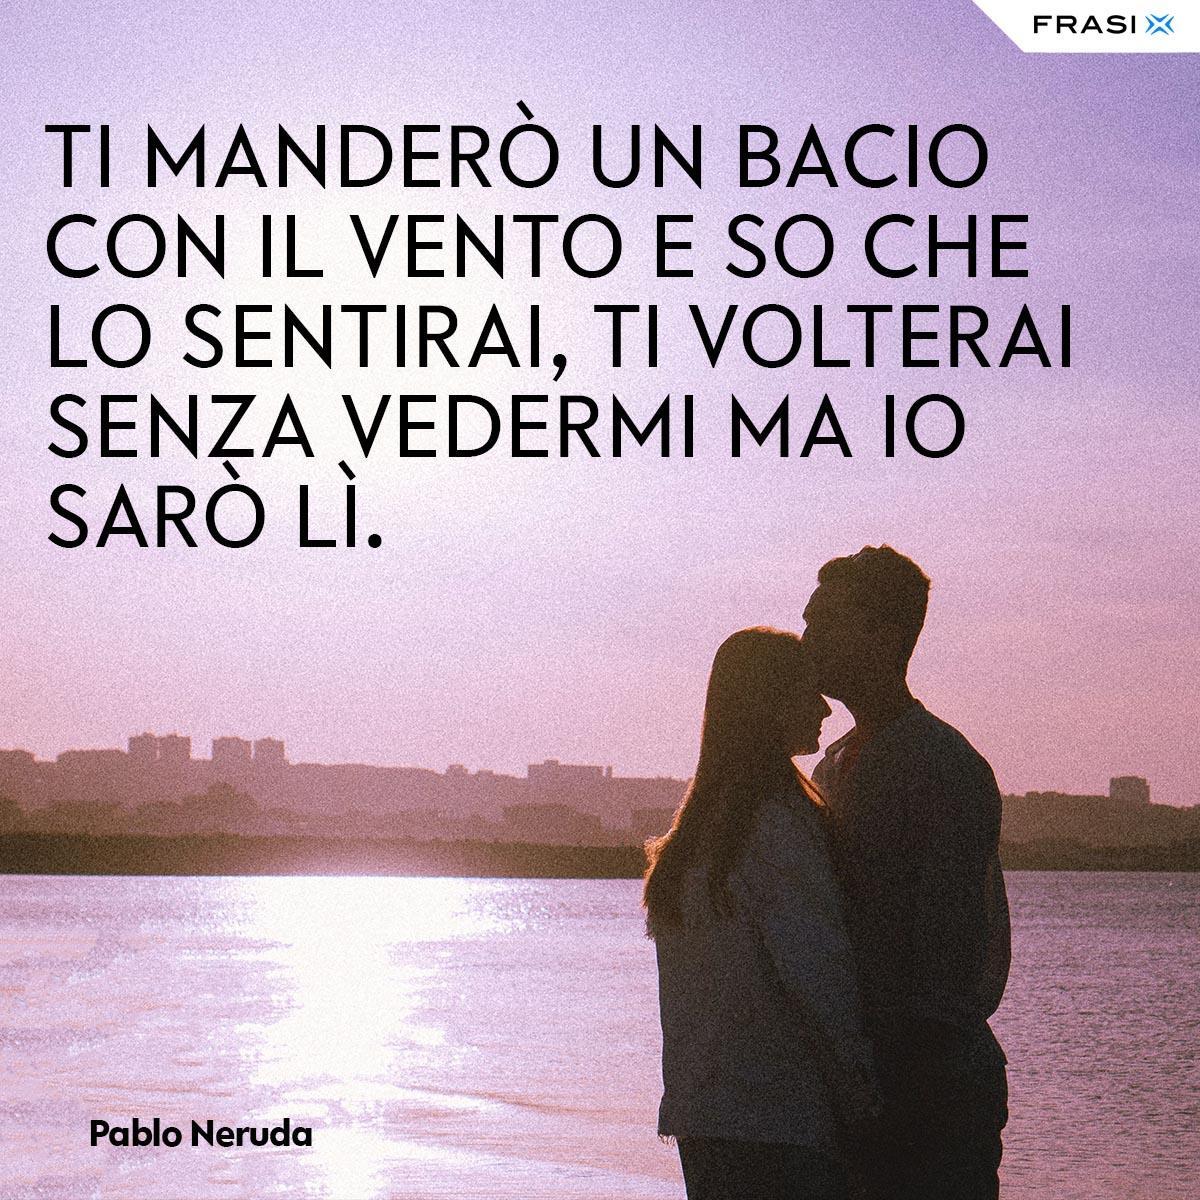 Frasi tristi tumblr Pablo Neruda